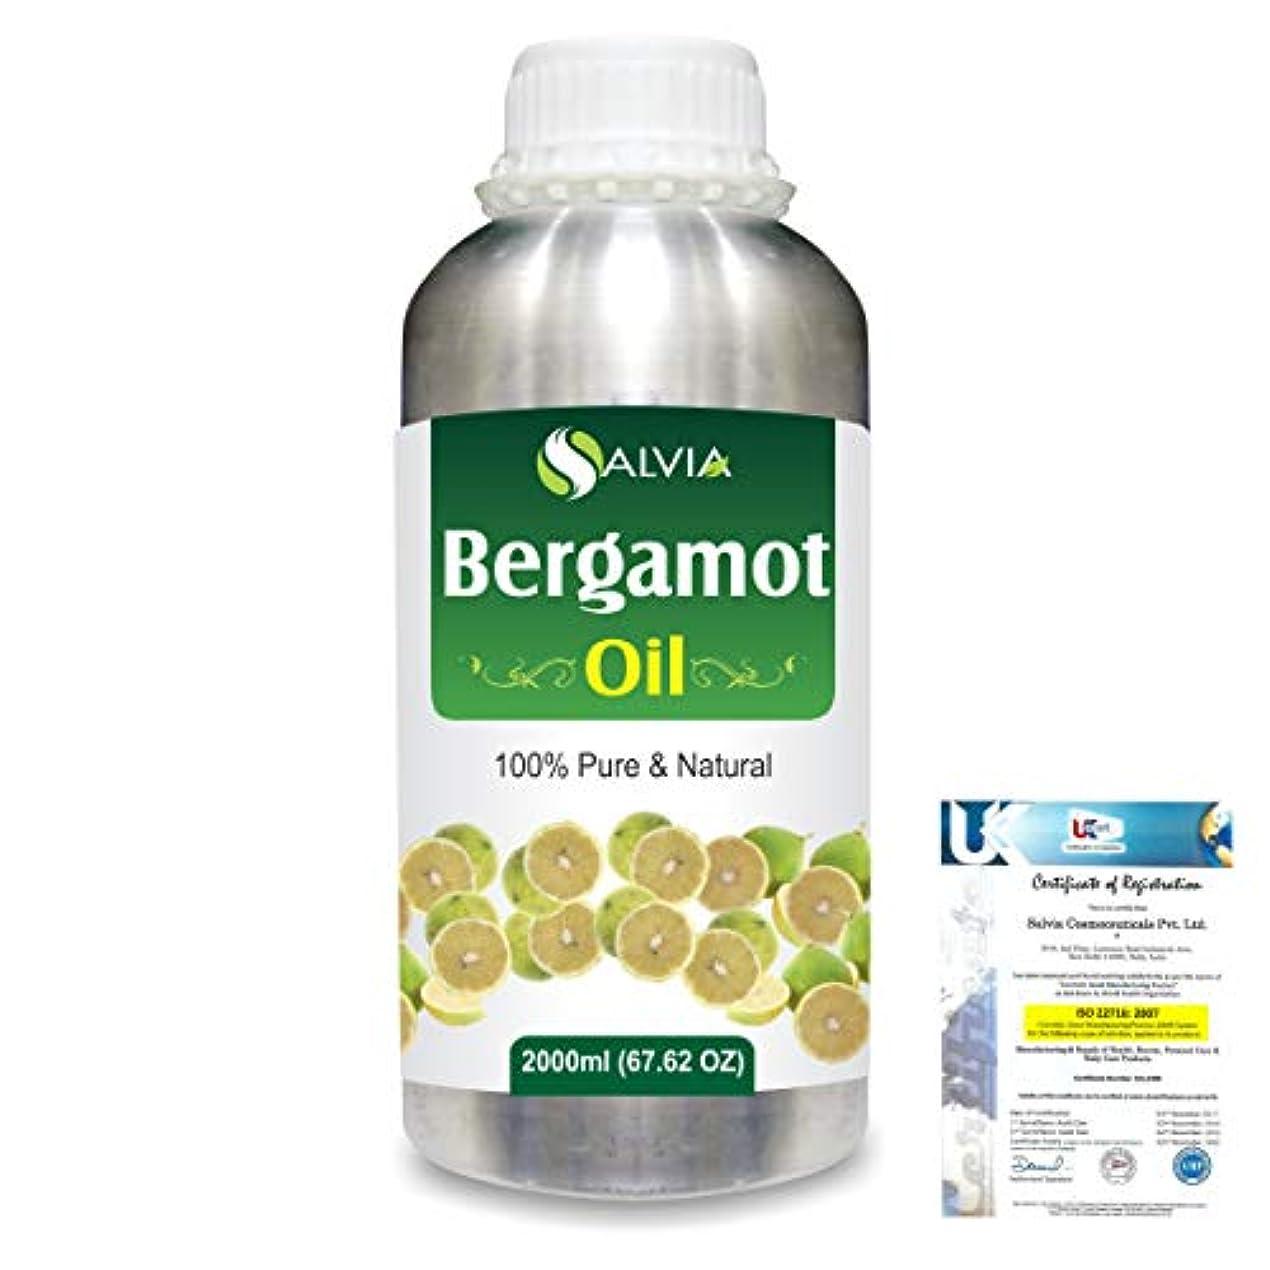 ペチュランスセッティングベッツィトロットウッドBergamot (Citrus aurantium) 100% Natural Pure Essential Oil 2000ml/67 fl.oz.